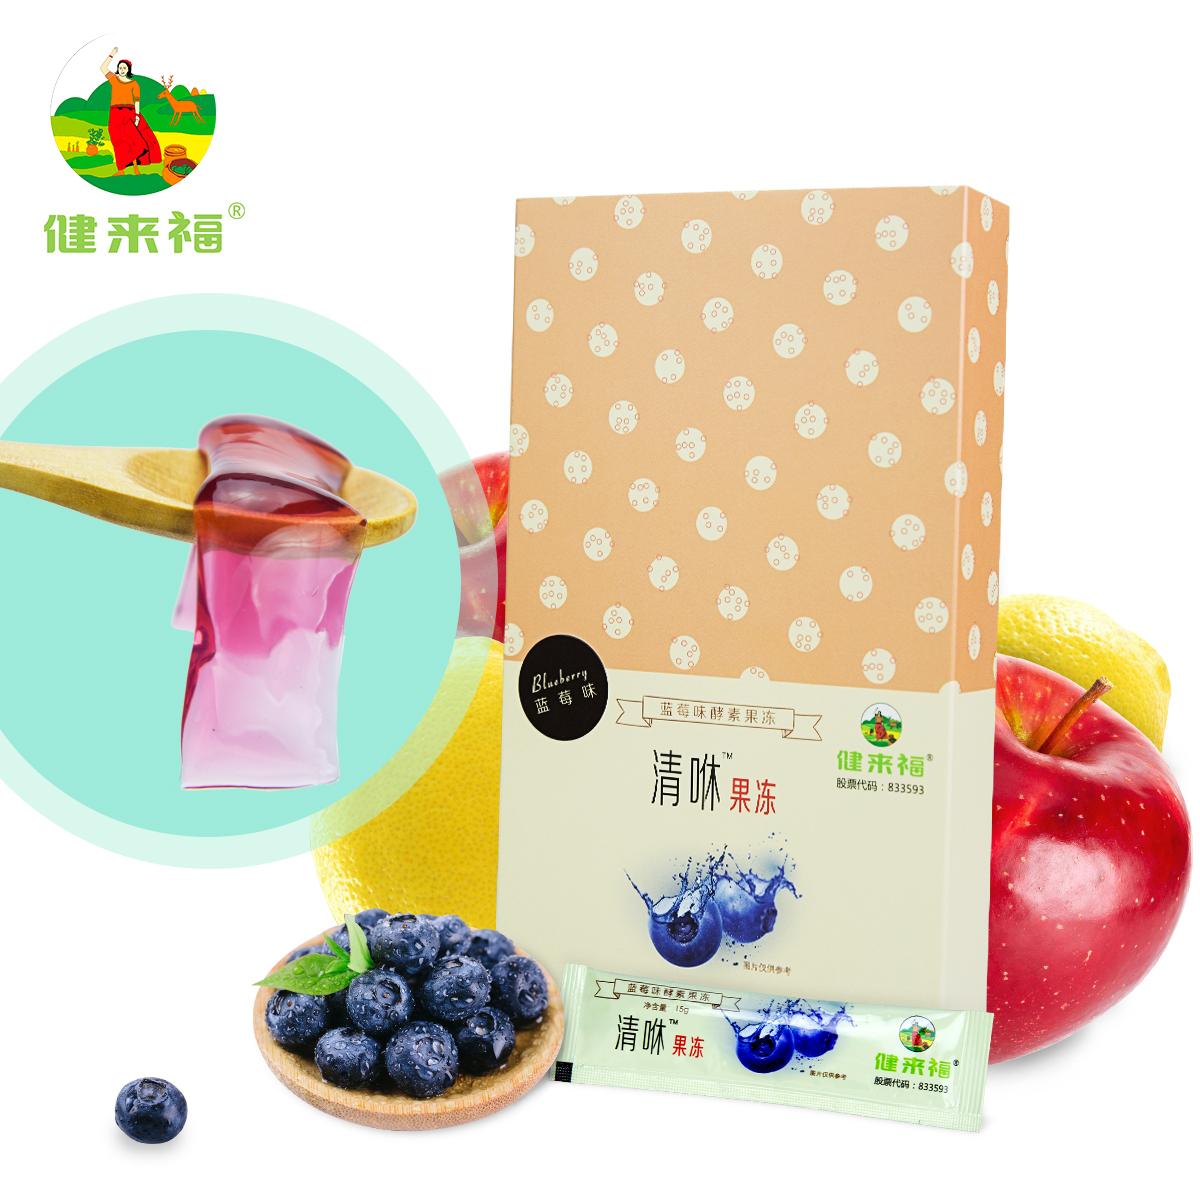 健来福 酵素果冻清咻健康净颜蓝莓综合水果果蔬酵素果冻条升级版